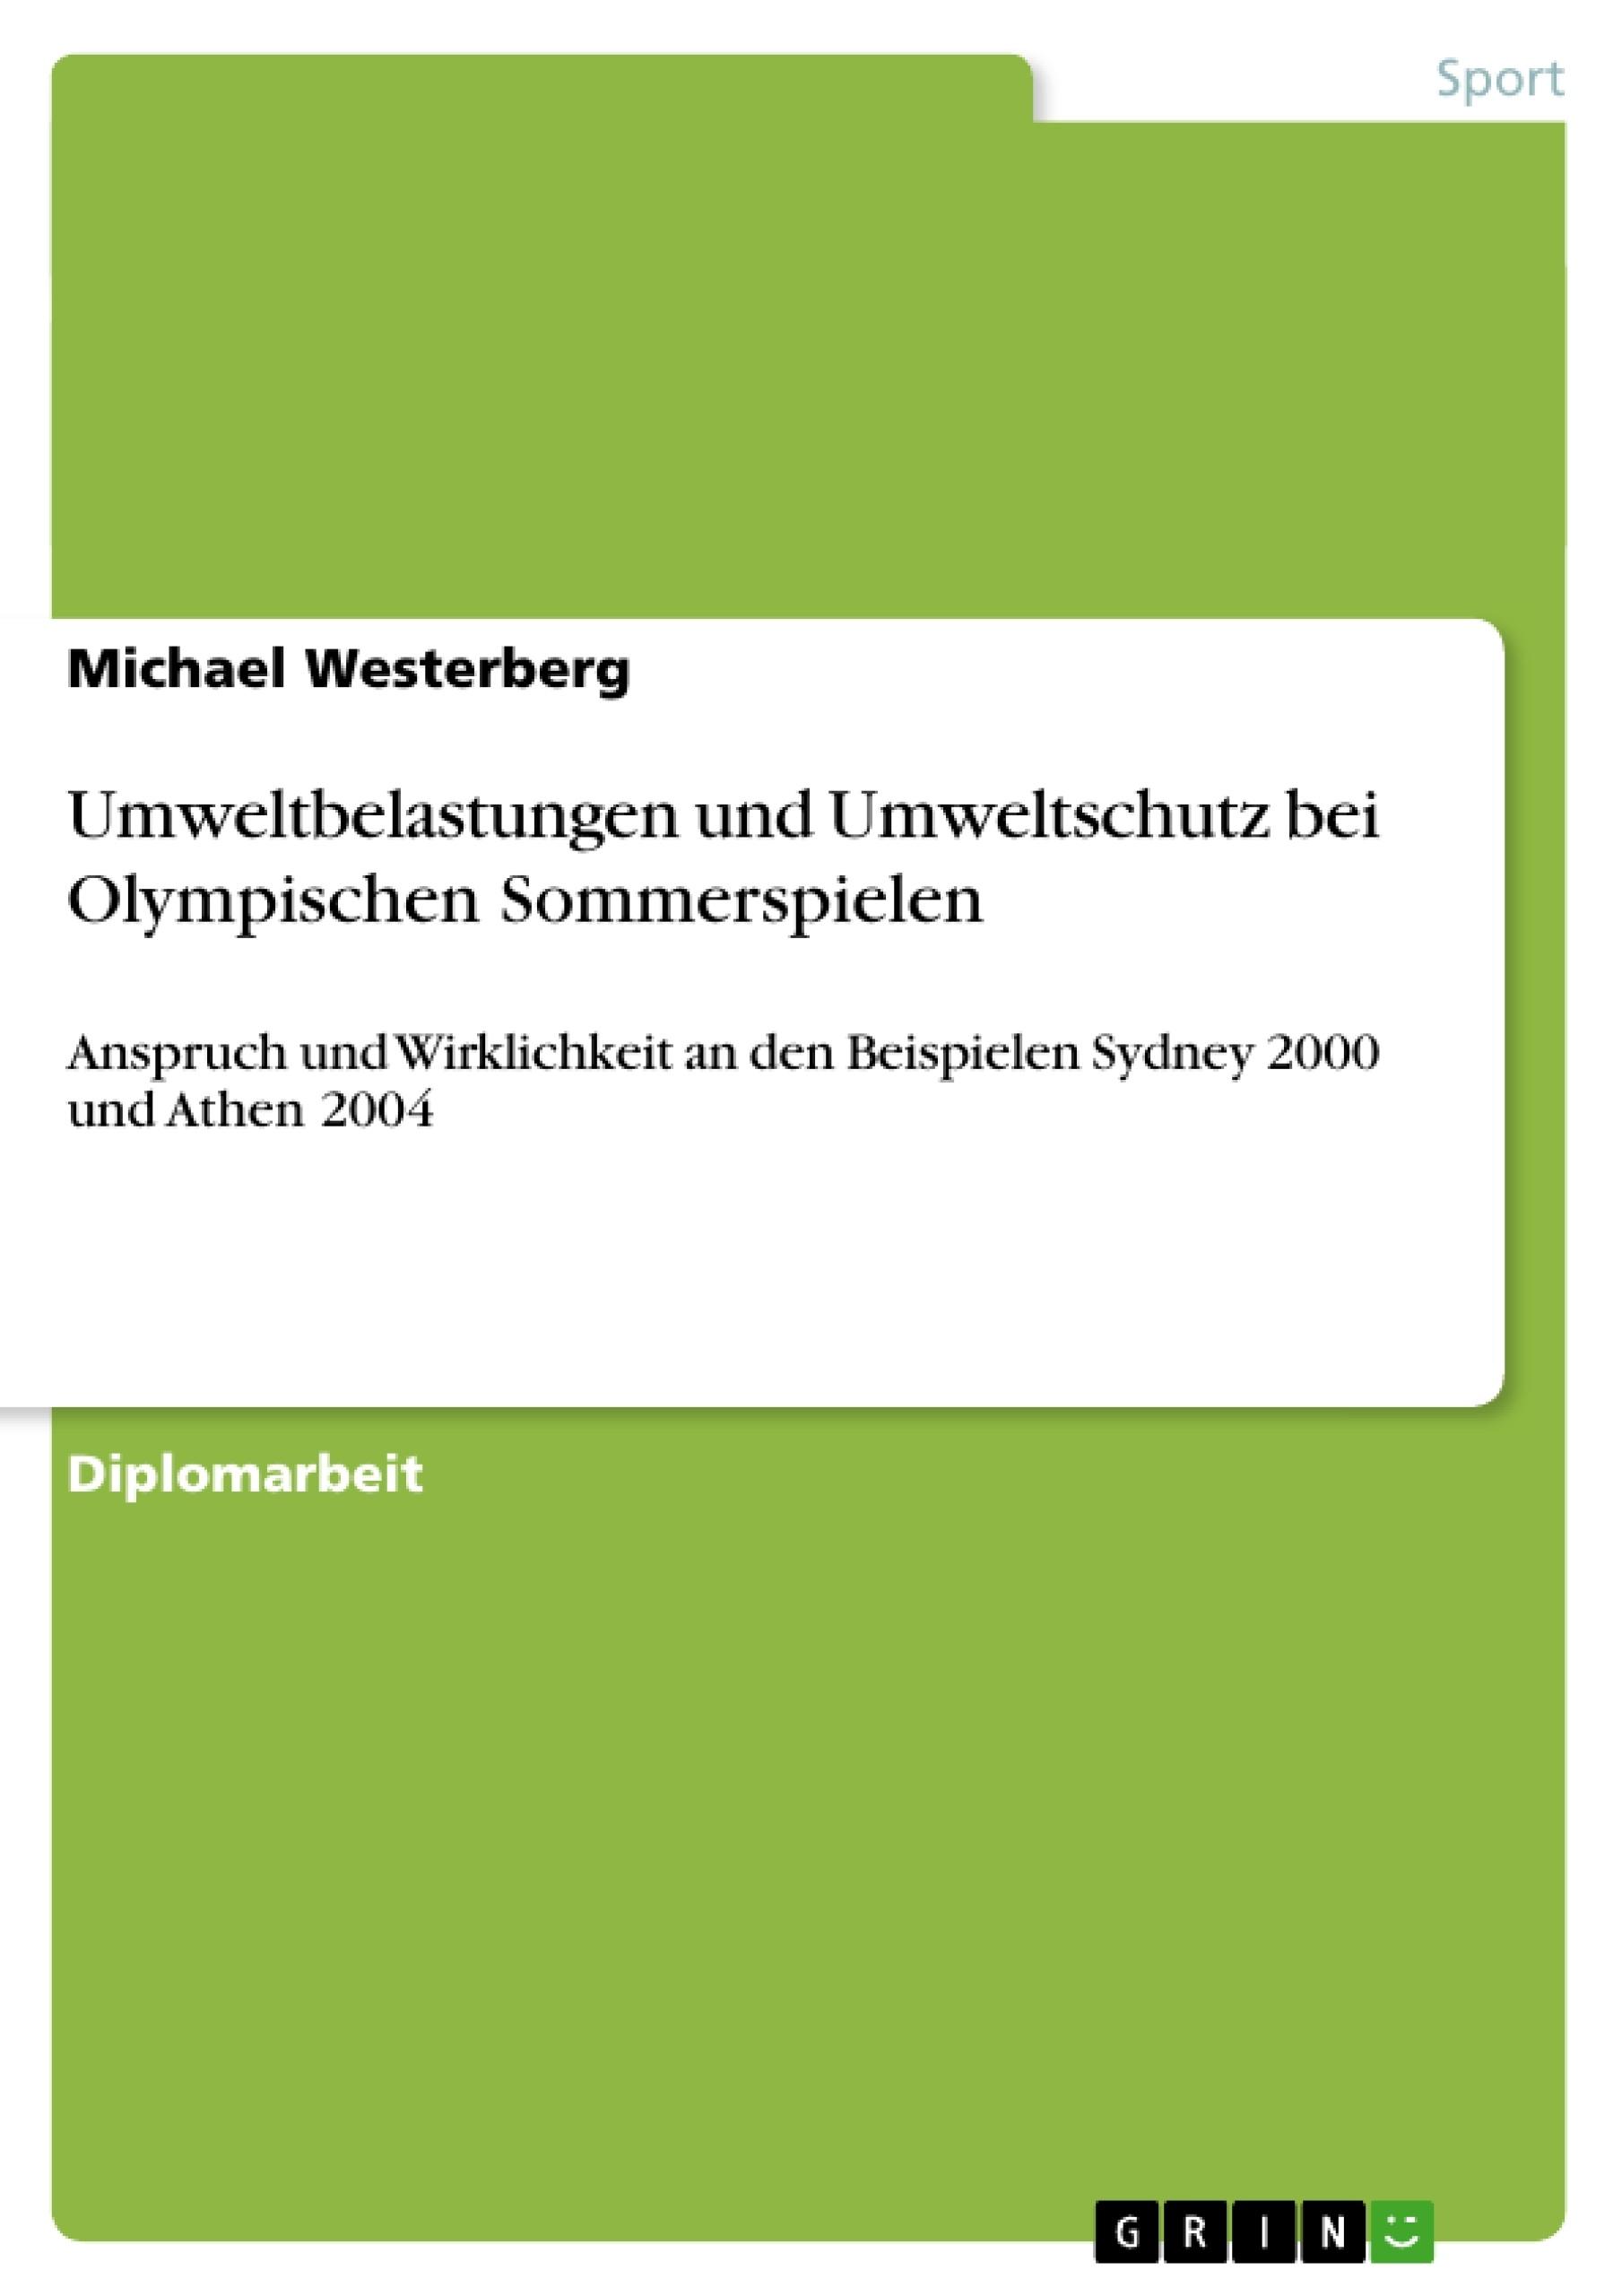 Titel: Umweltbelastungen und Umweltschutz bei Olympischen Sommerspielen